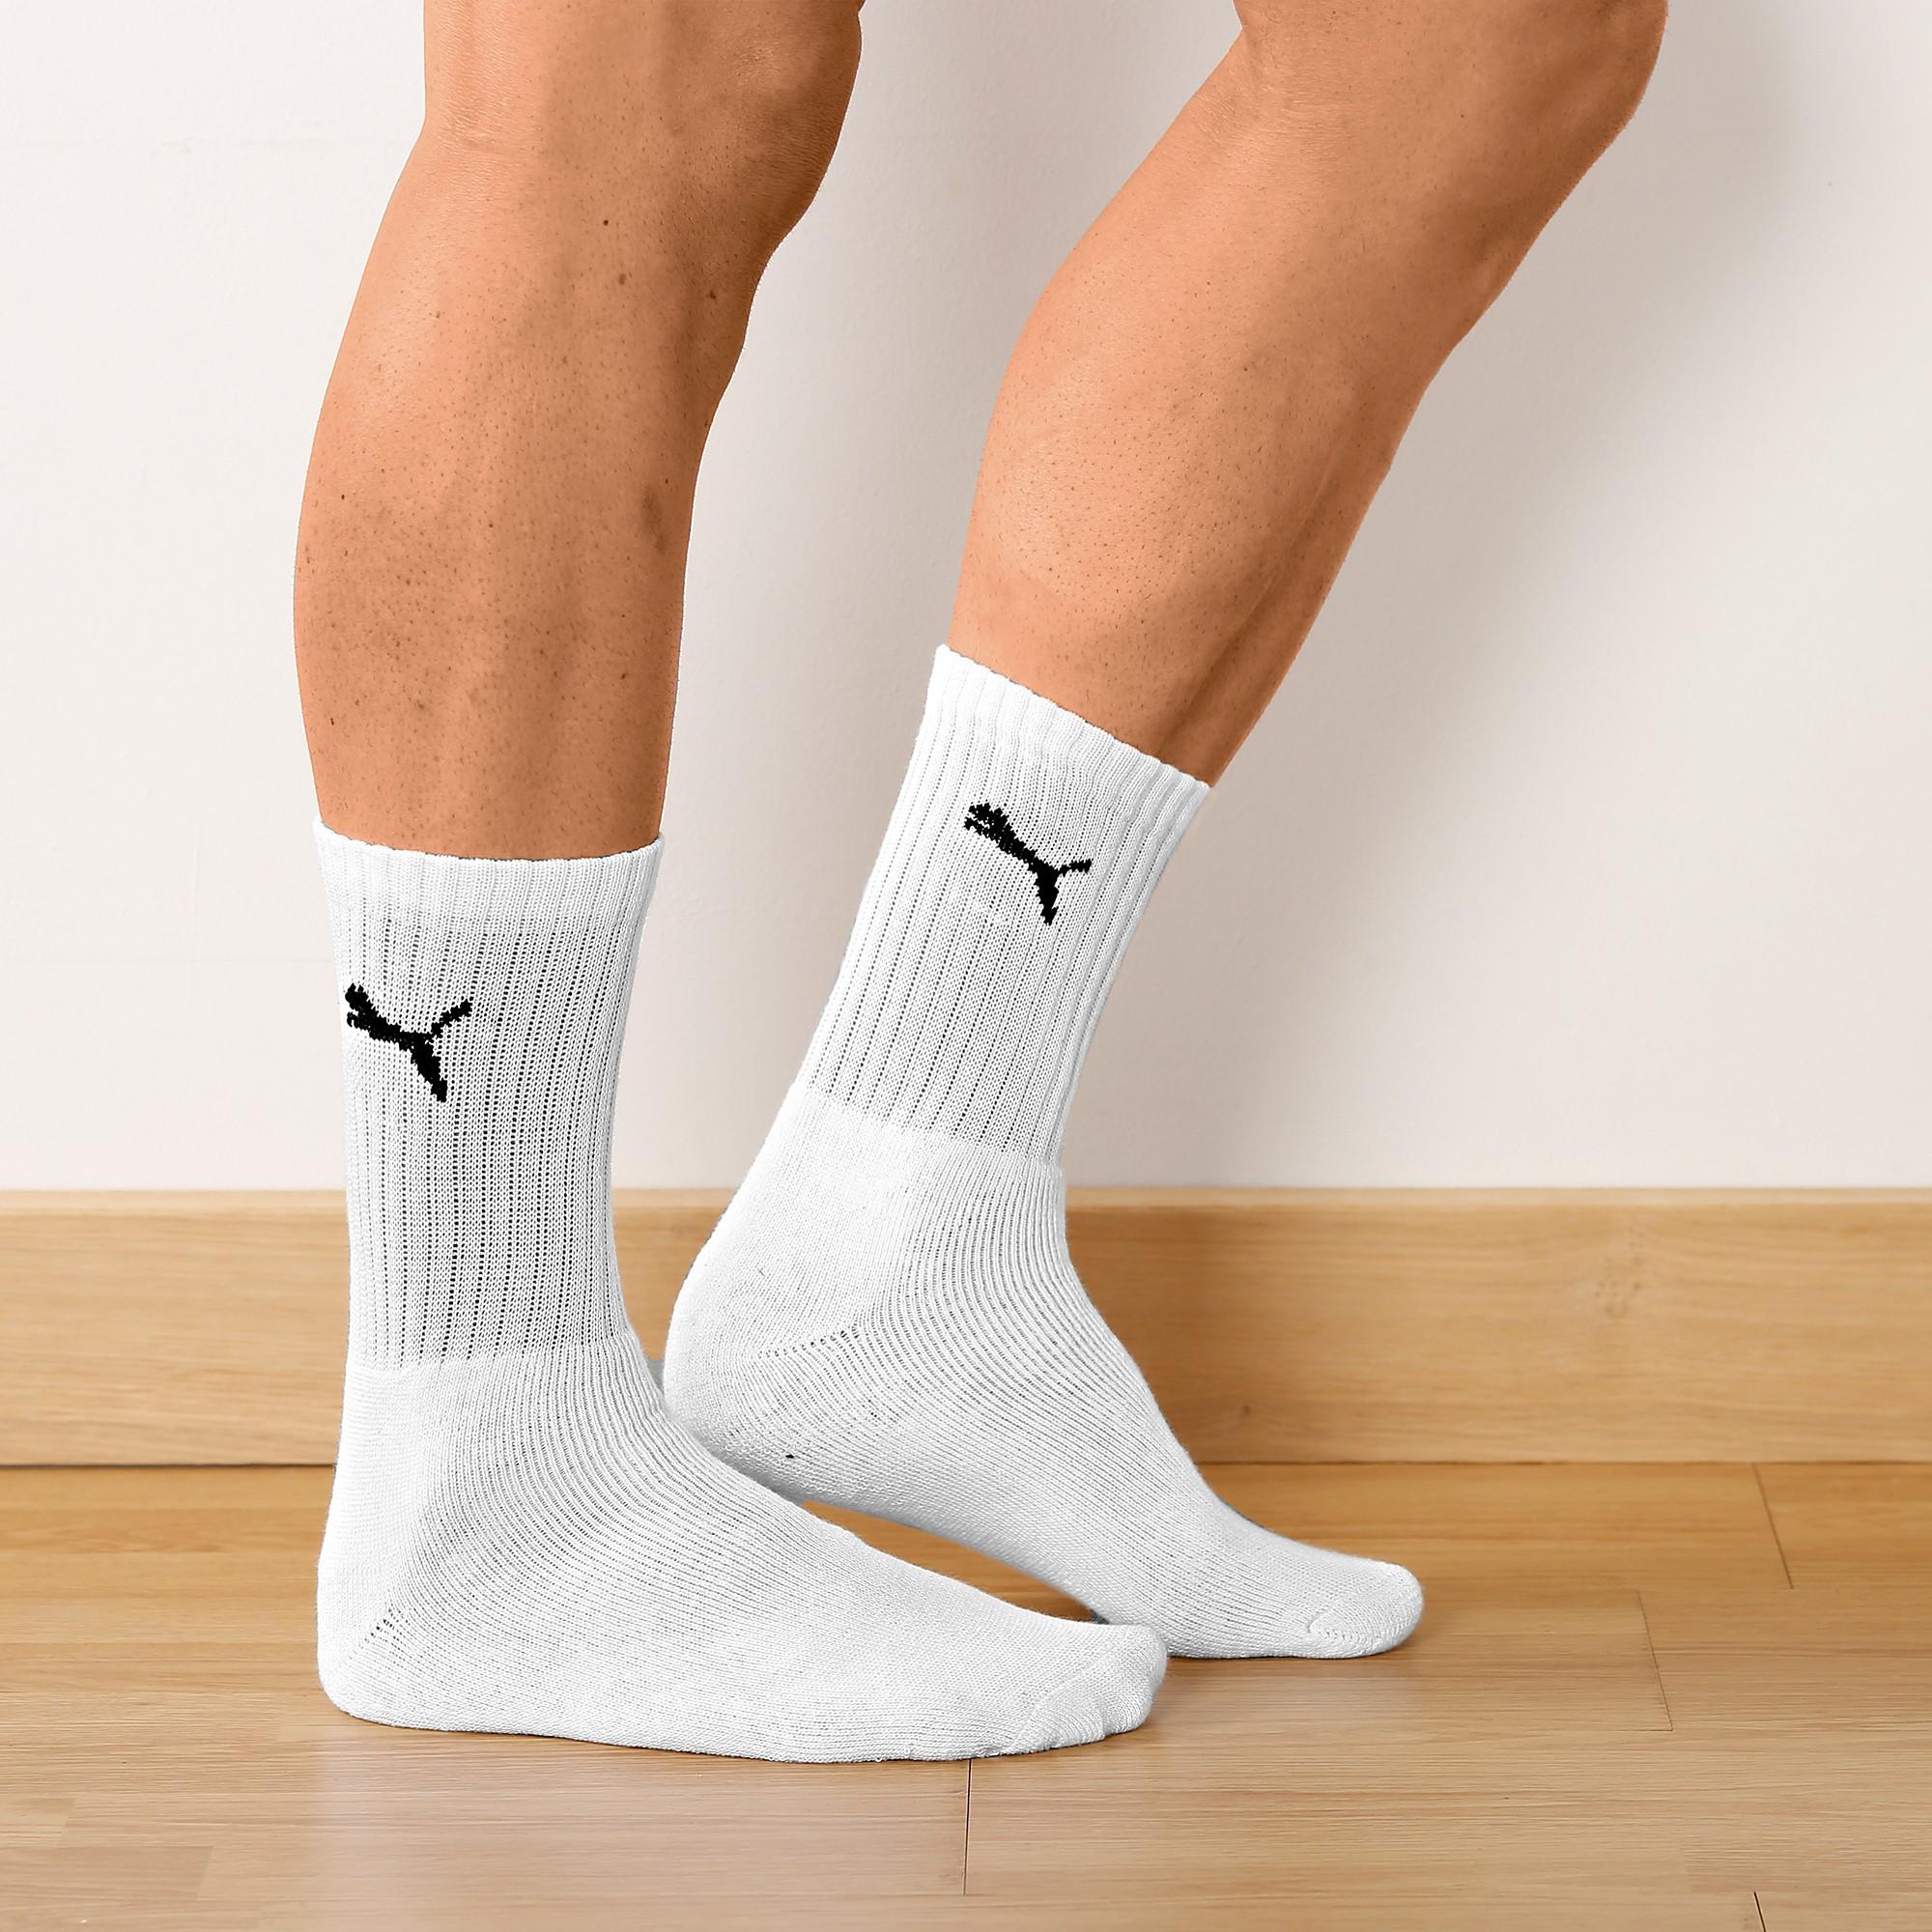 Mi-chaussettes sport - lot de 6 paires blanches